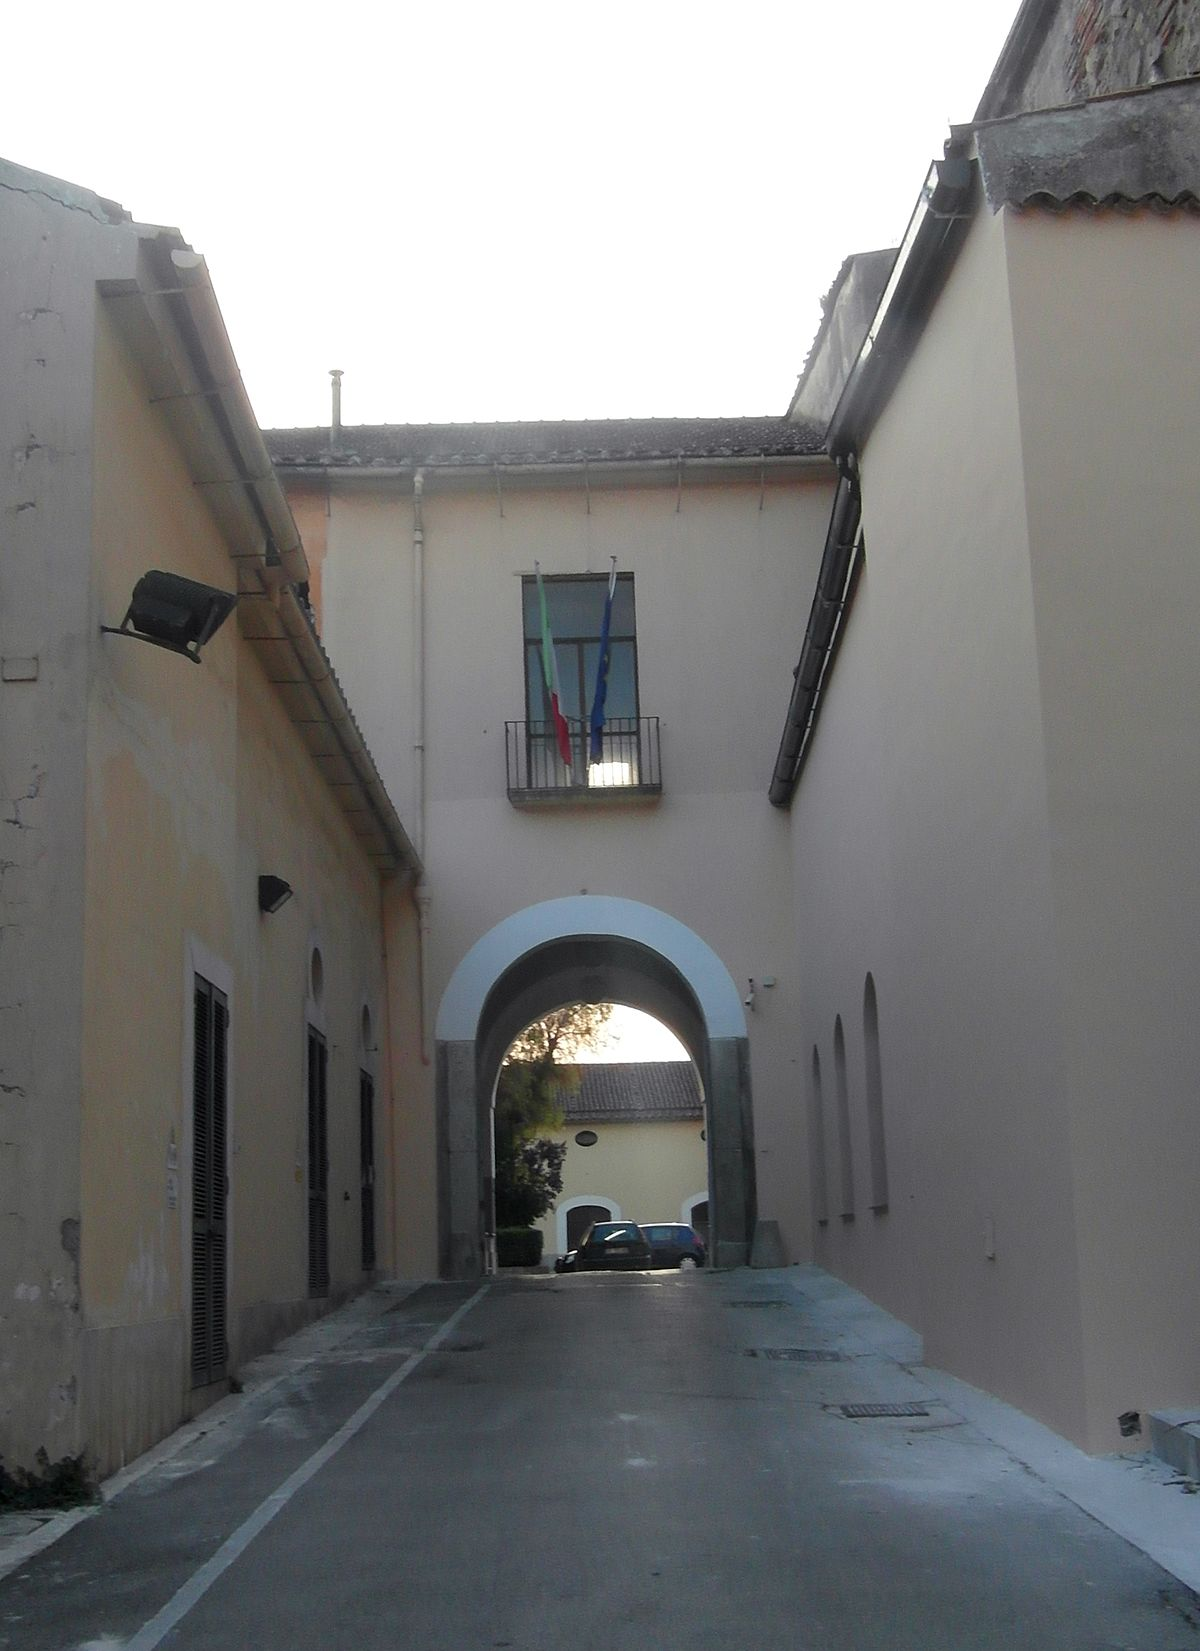 Museo archeologico dell 39 antica capua wikipedia - Piscina santa maria capua vetere ...